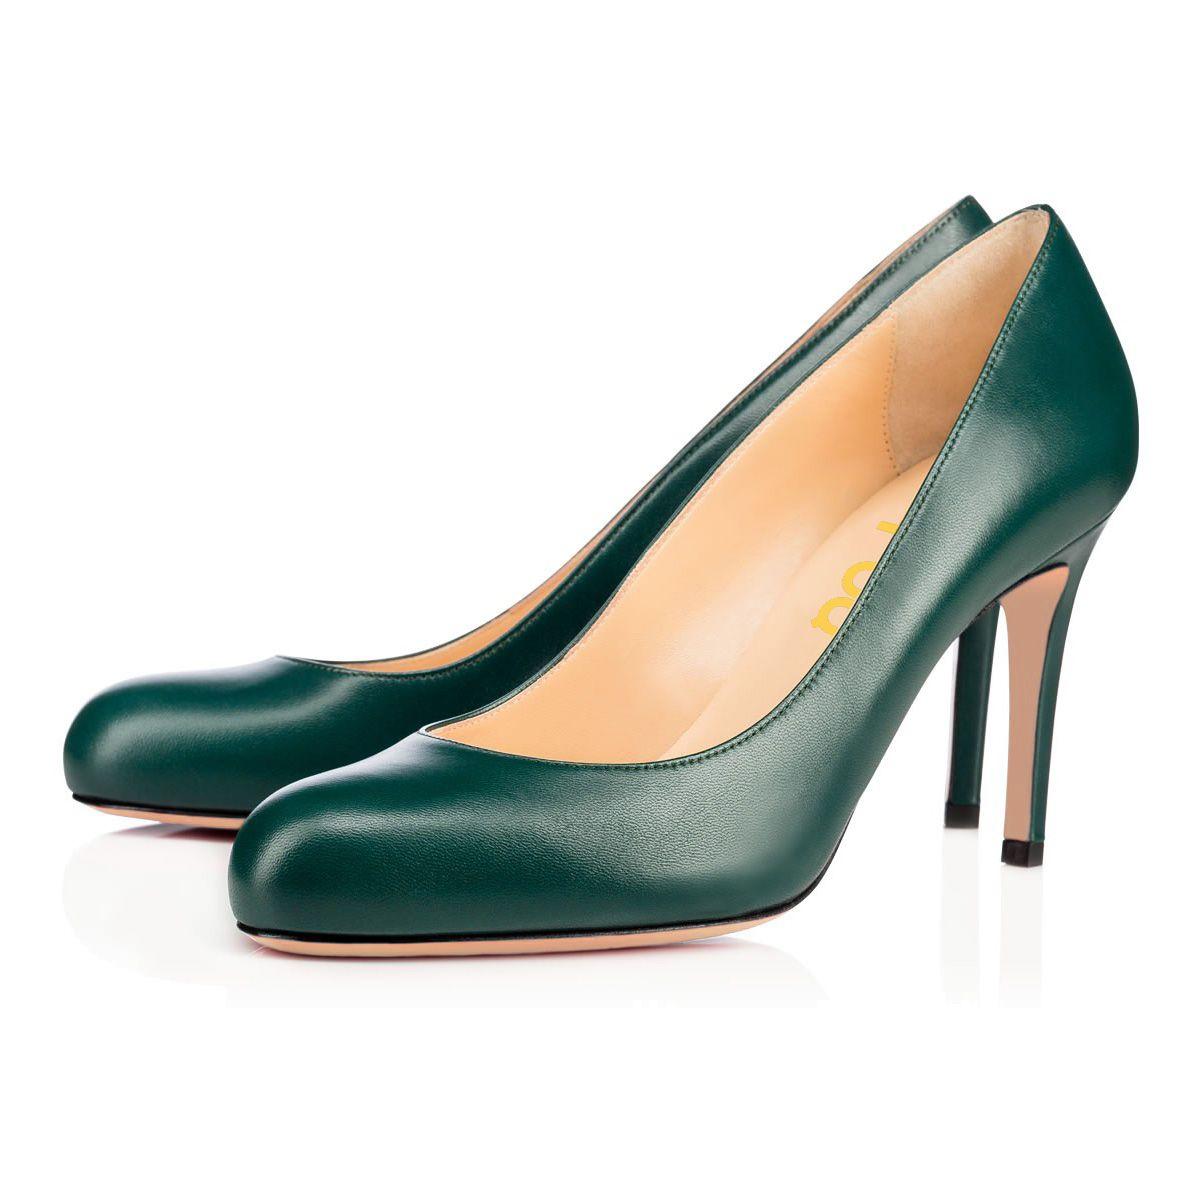 Dark Beryl Green Round Toe Stiletto Heel Pumps 3 Inch Heels